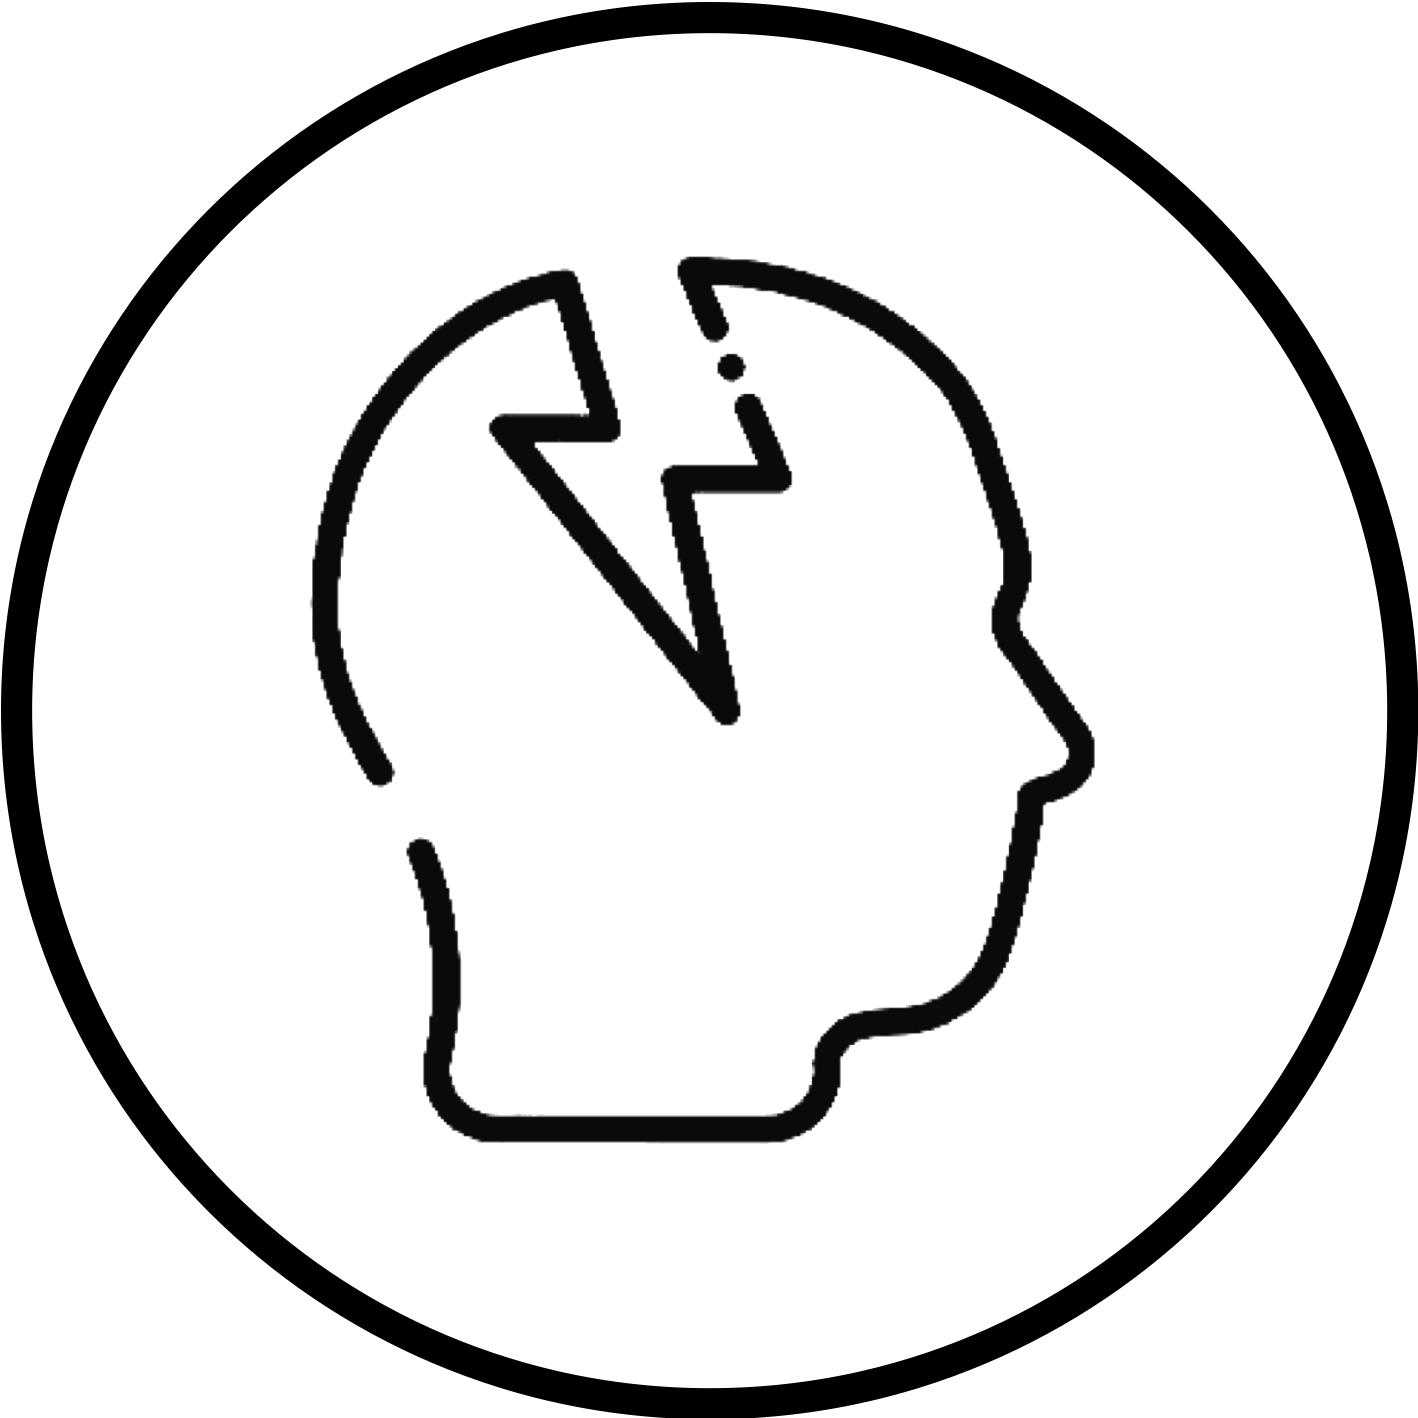 Una testa stilizzata con il simbolo di un fulmine che vi entra dentro